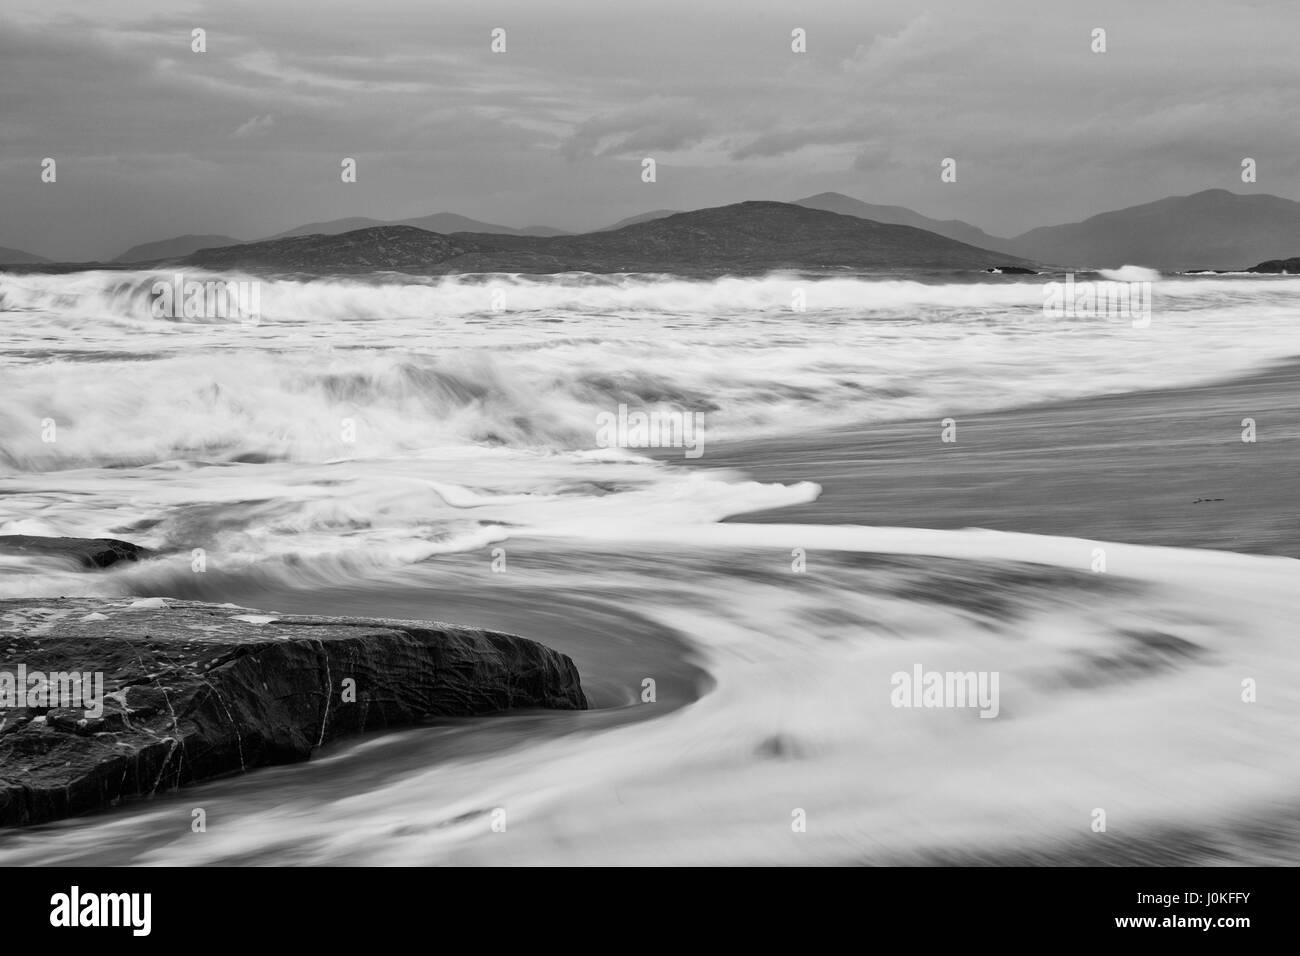 Borve beach with crashing waves, Isle of Harris - Stock Image